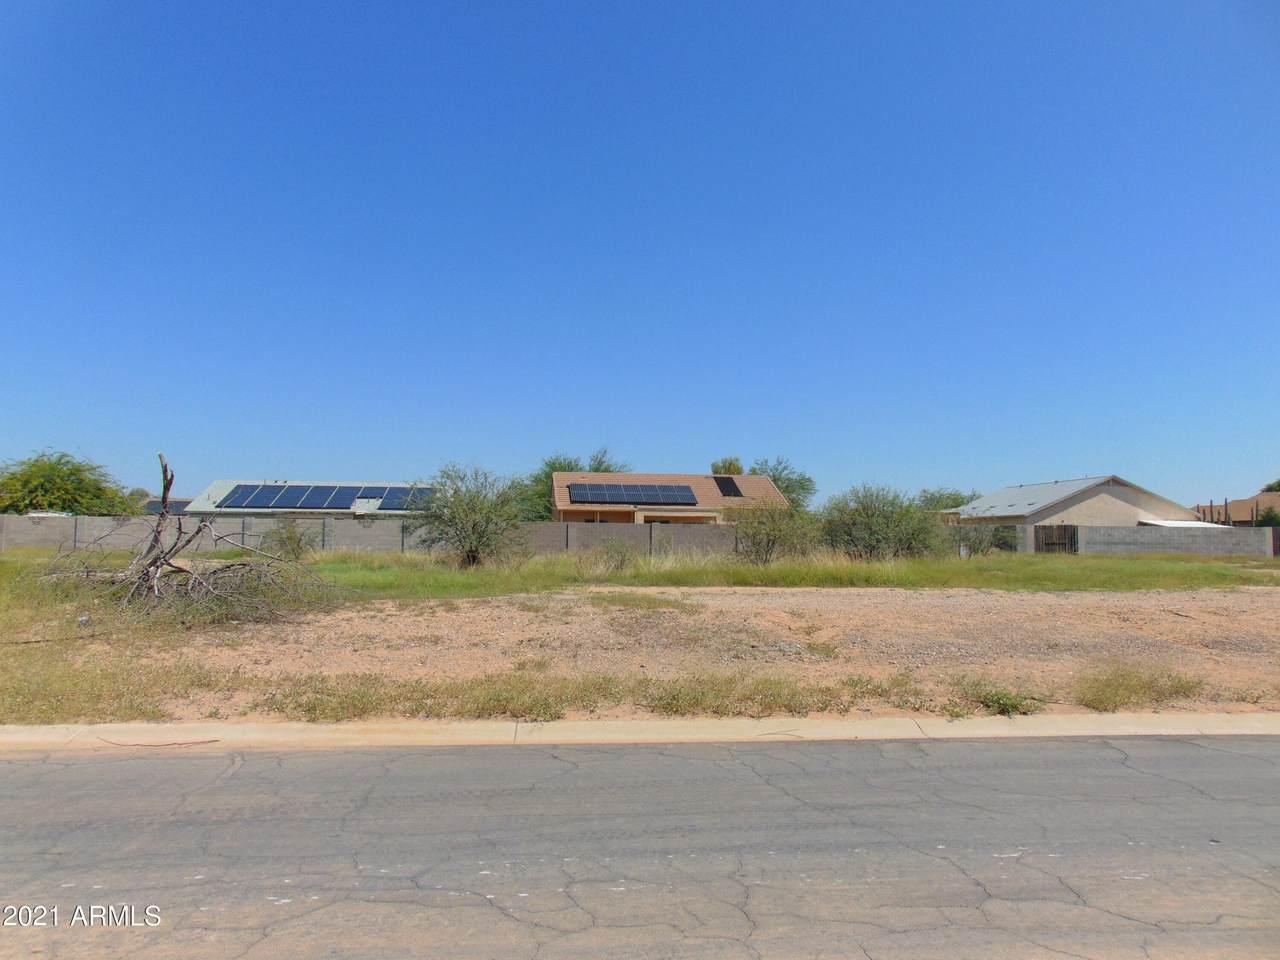 11802 Benito Drive - Photo 1